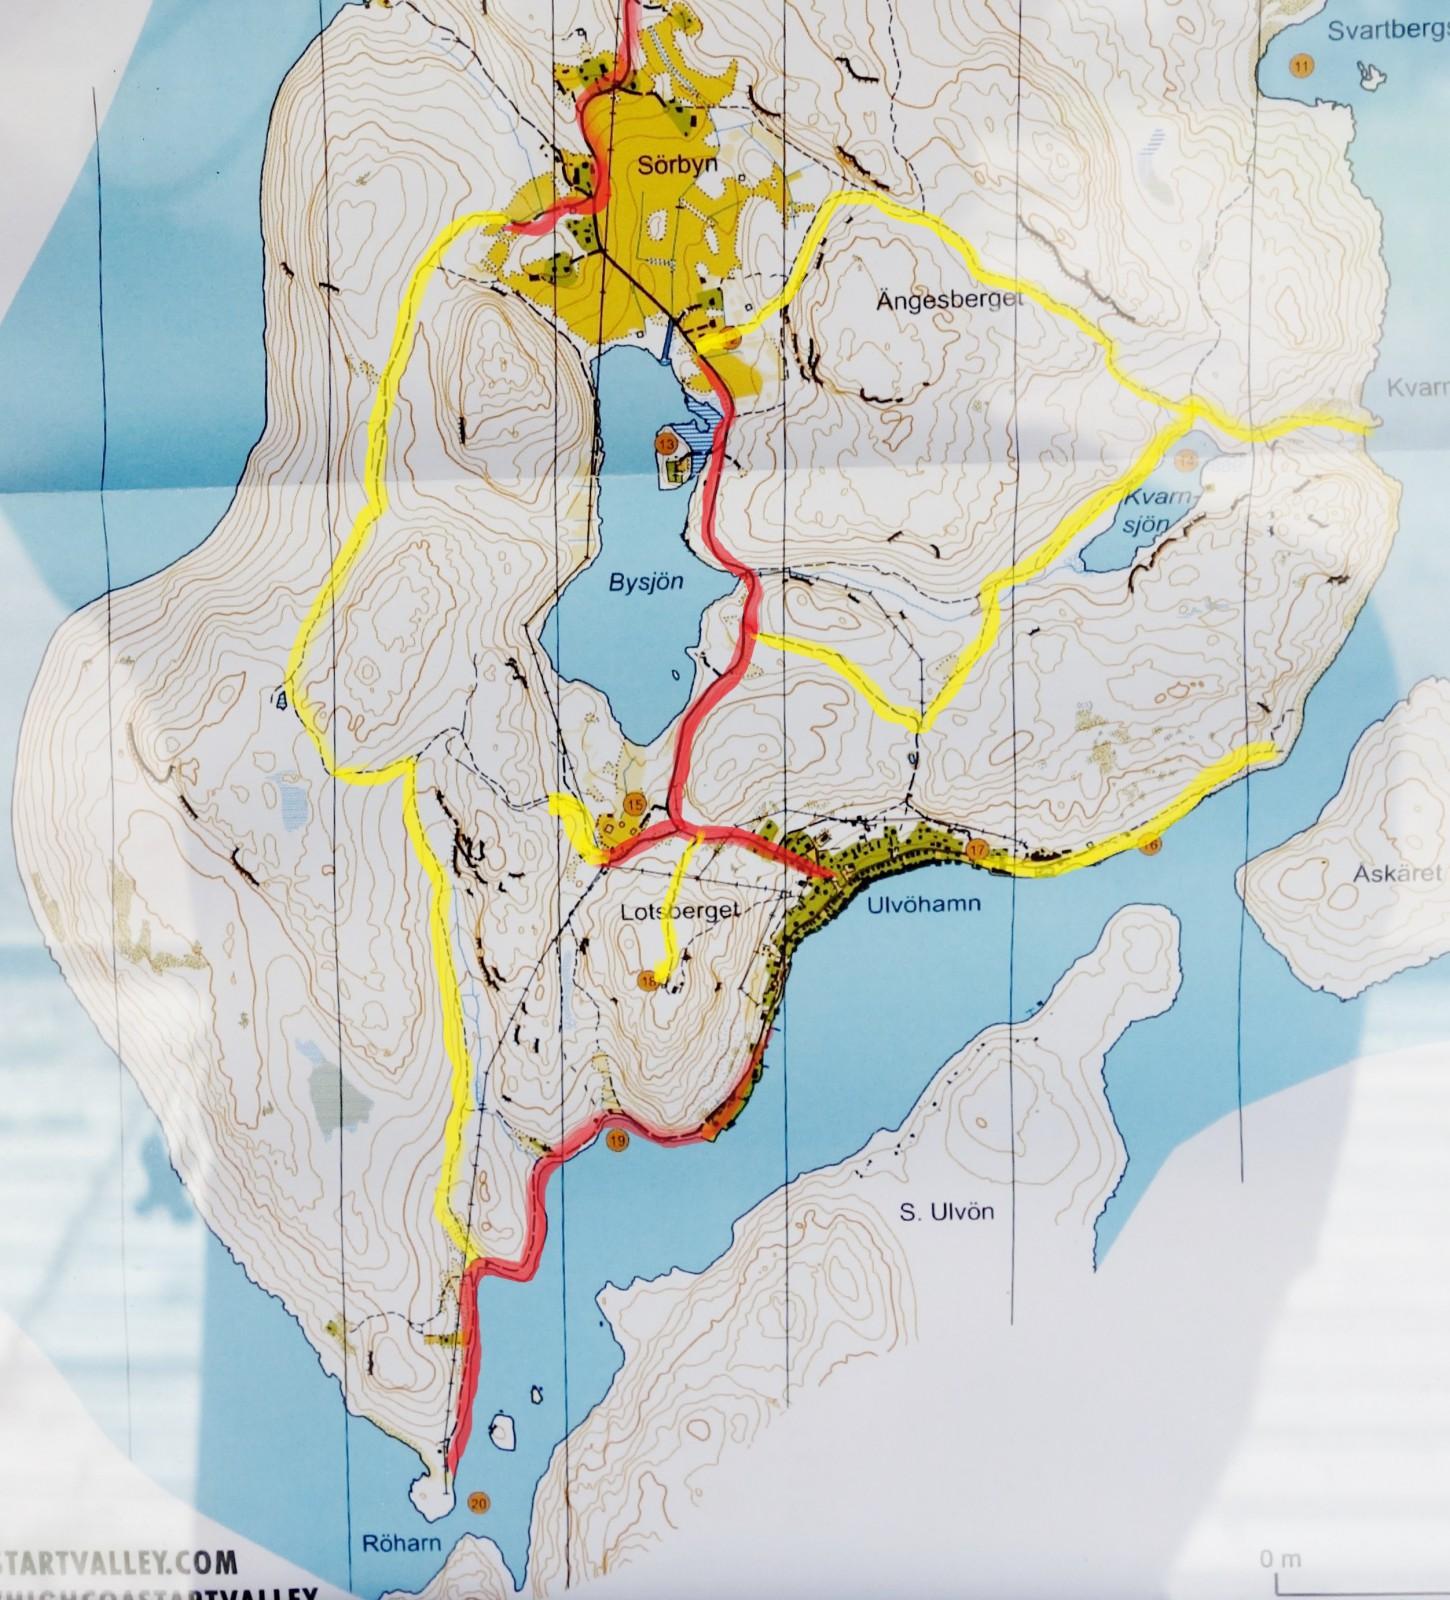 Ulvön karta-7